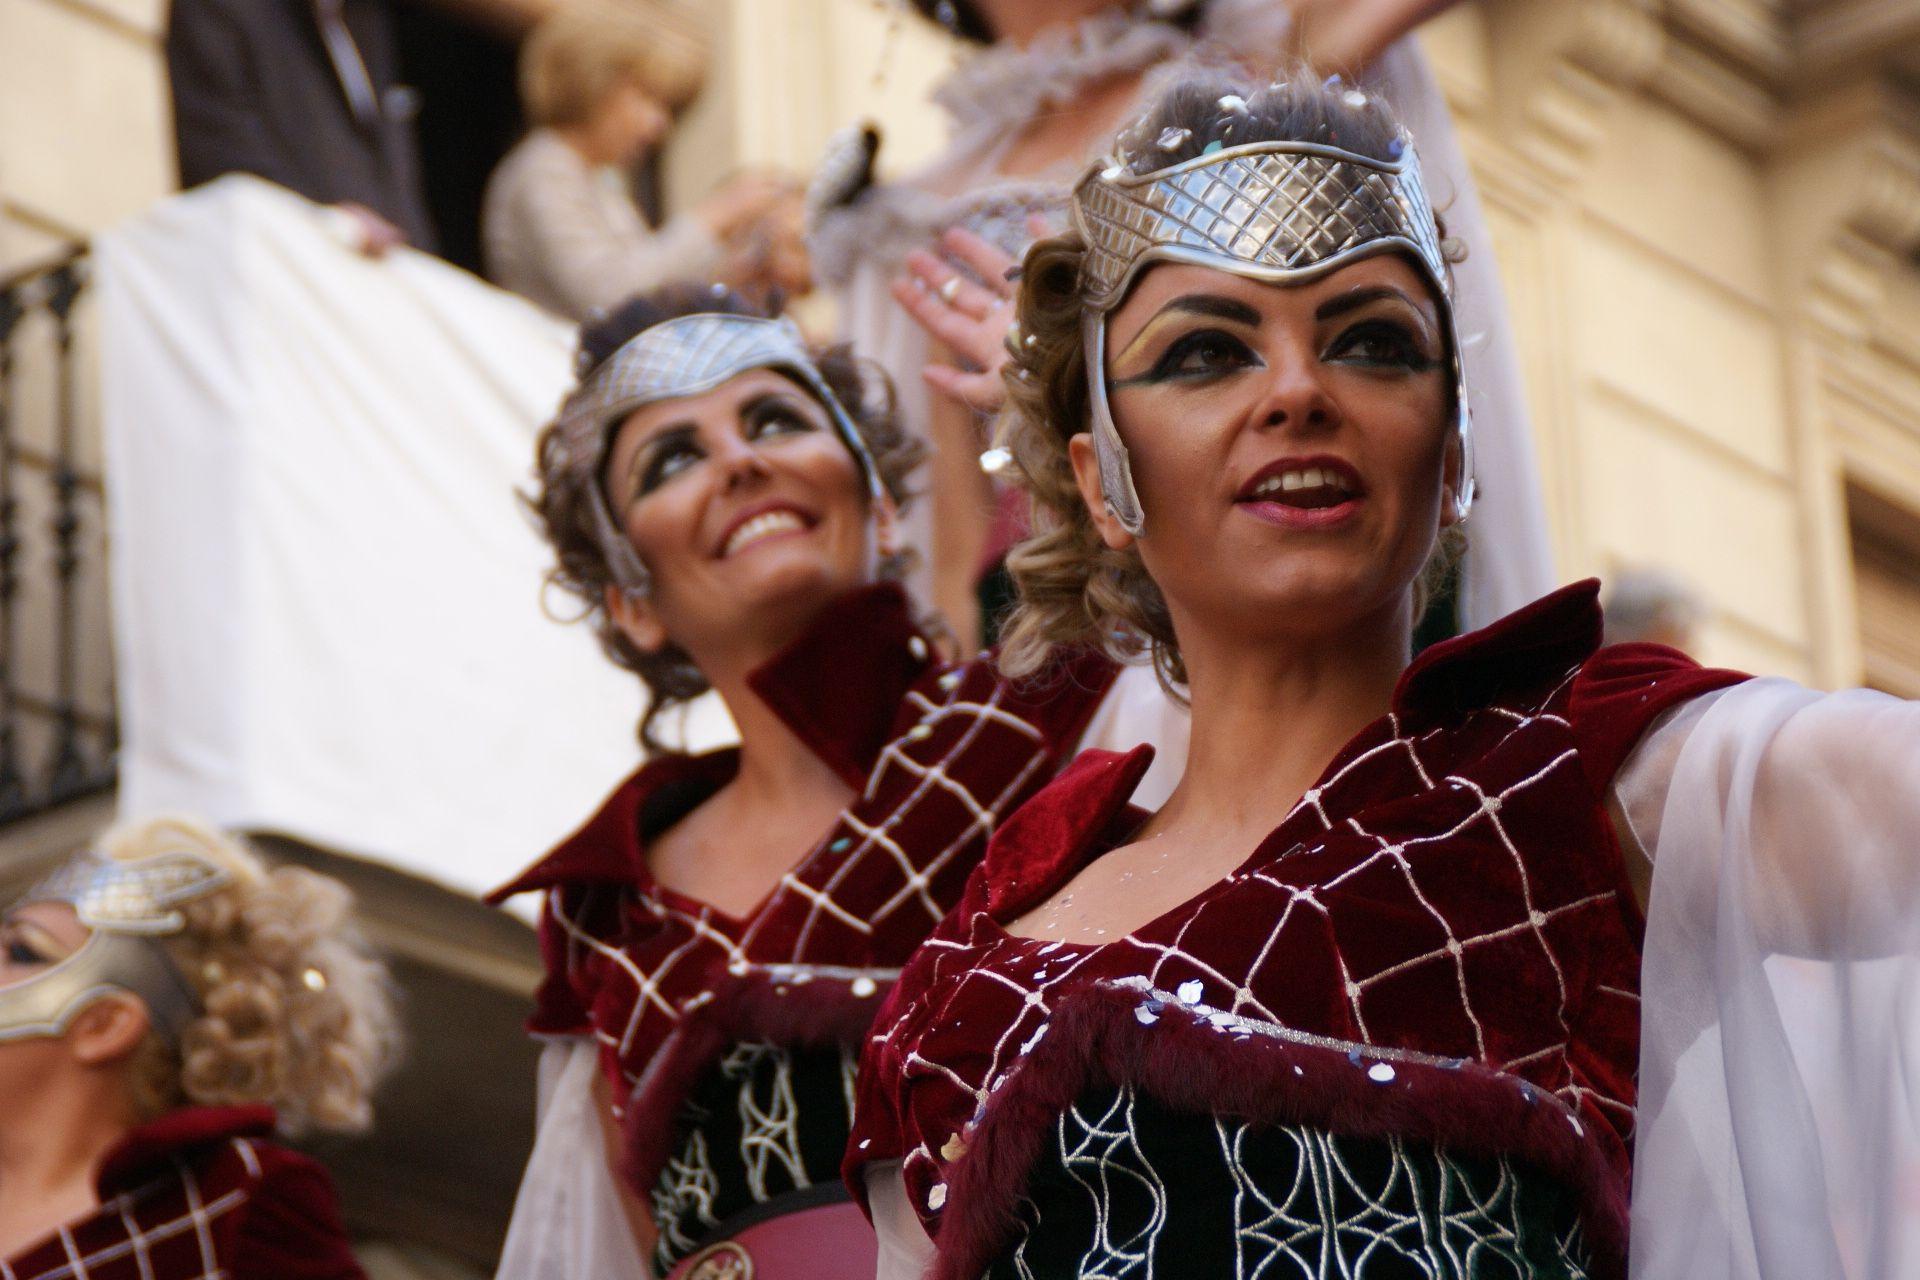 Damas en las Fiestas de Moros y Cristianos de #Alcoy #Alcoi #MorosyCristianos